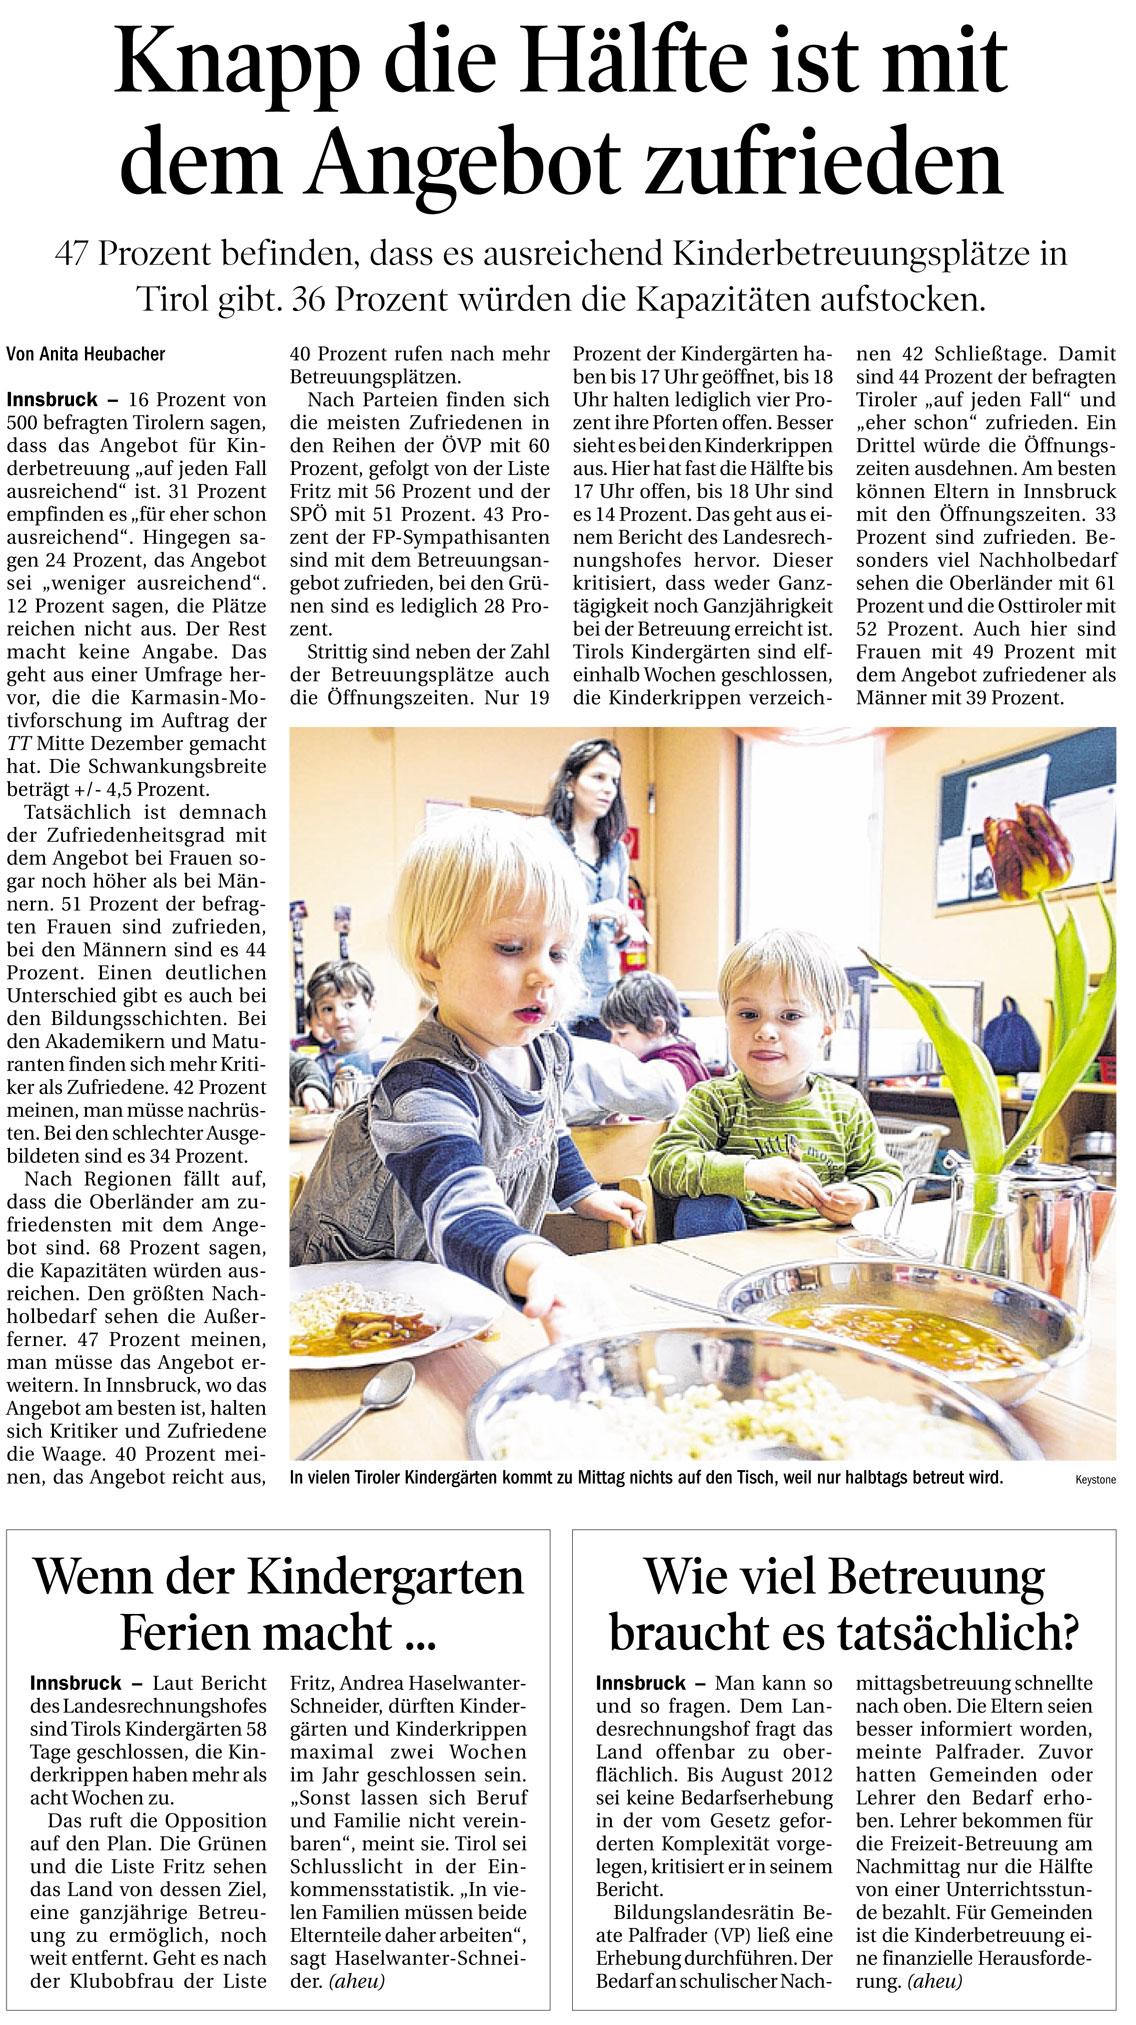 Bericht der Tiroler Tageszeitung zur Kinderbetreuung in Tirol